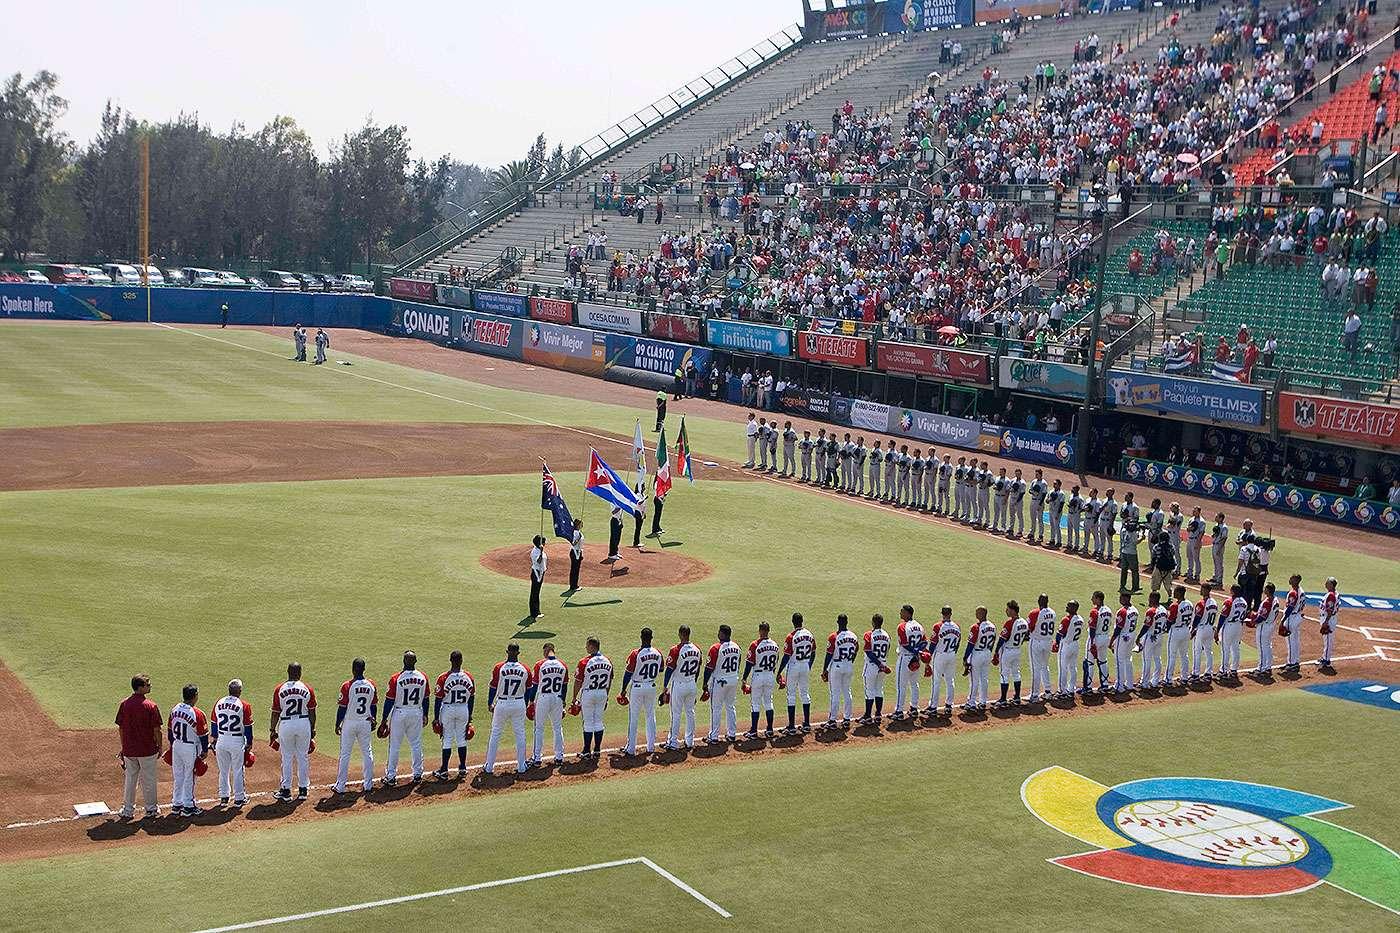 El Foro Sol de Ciudad de México fue sede de un grupo en el segundo torneo, disputado en 2009. Foto: AP